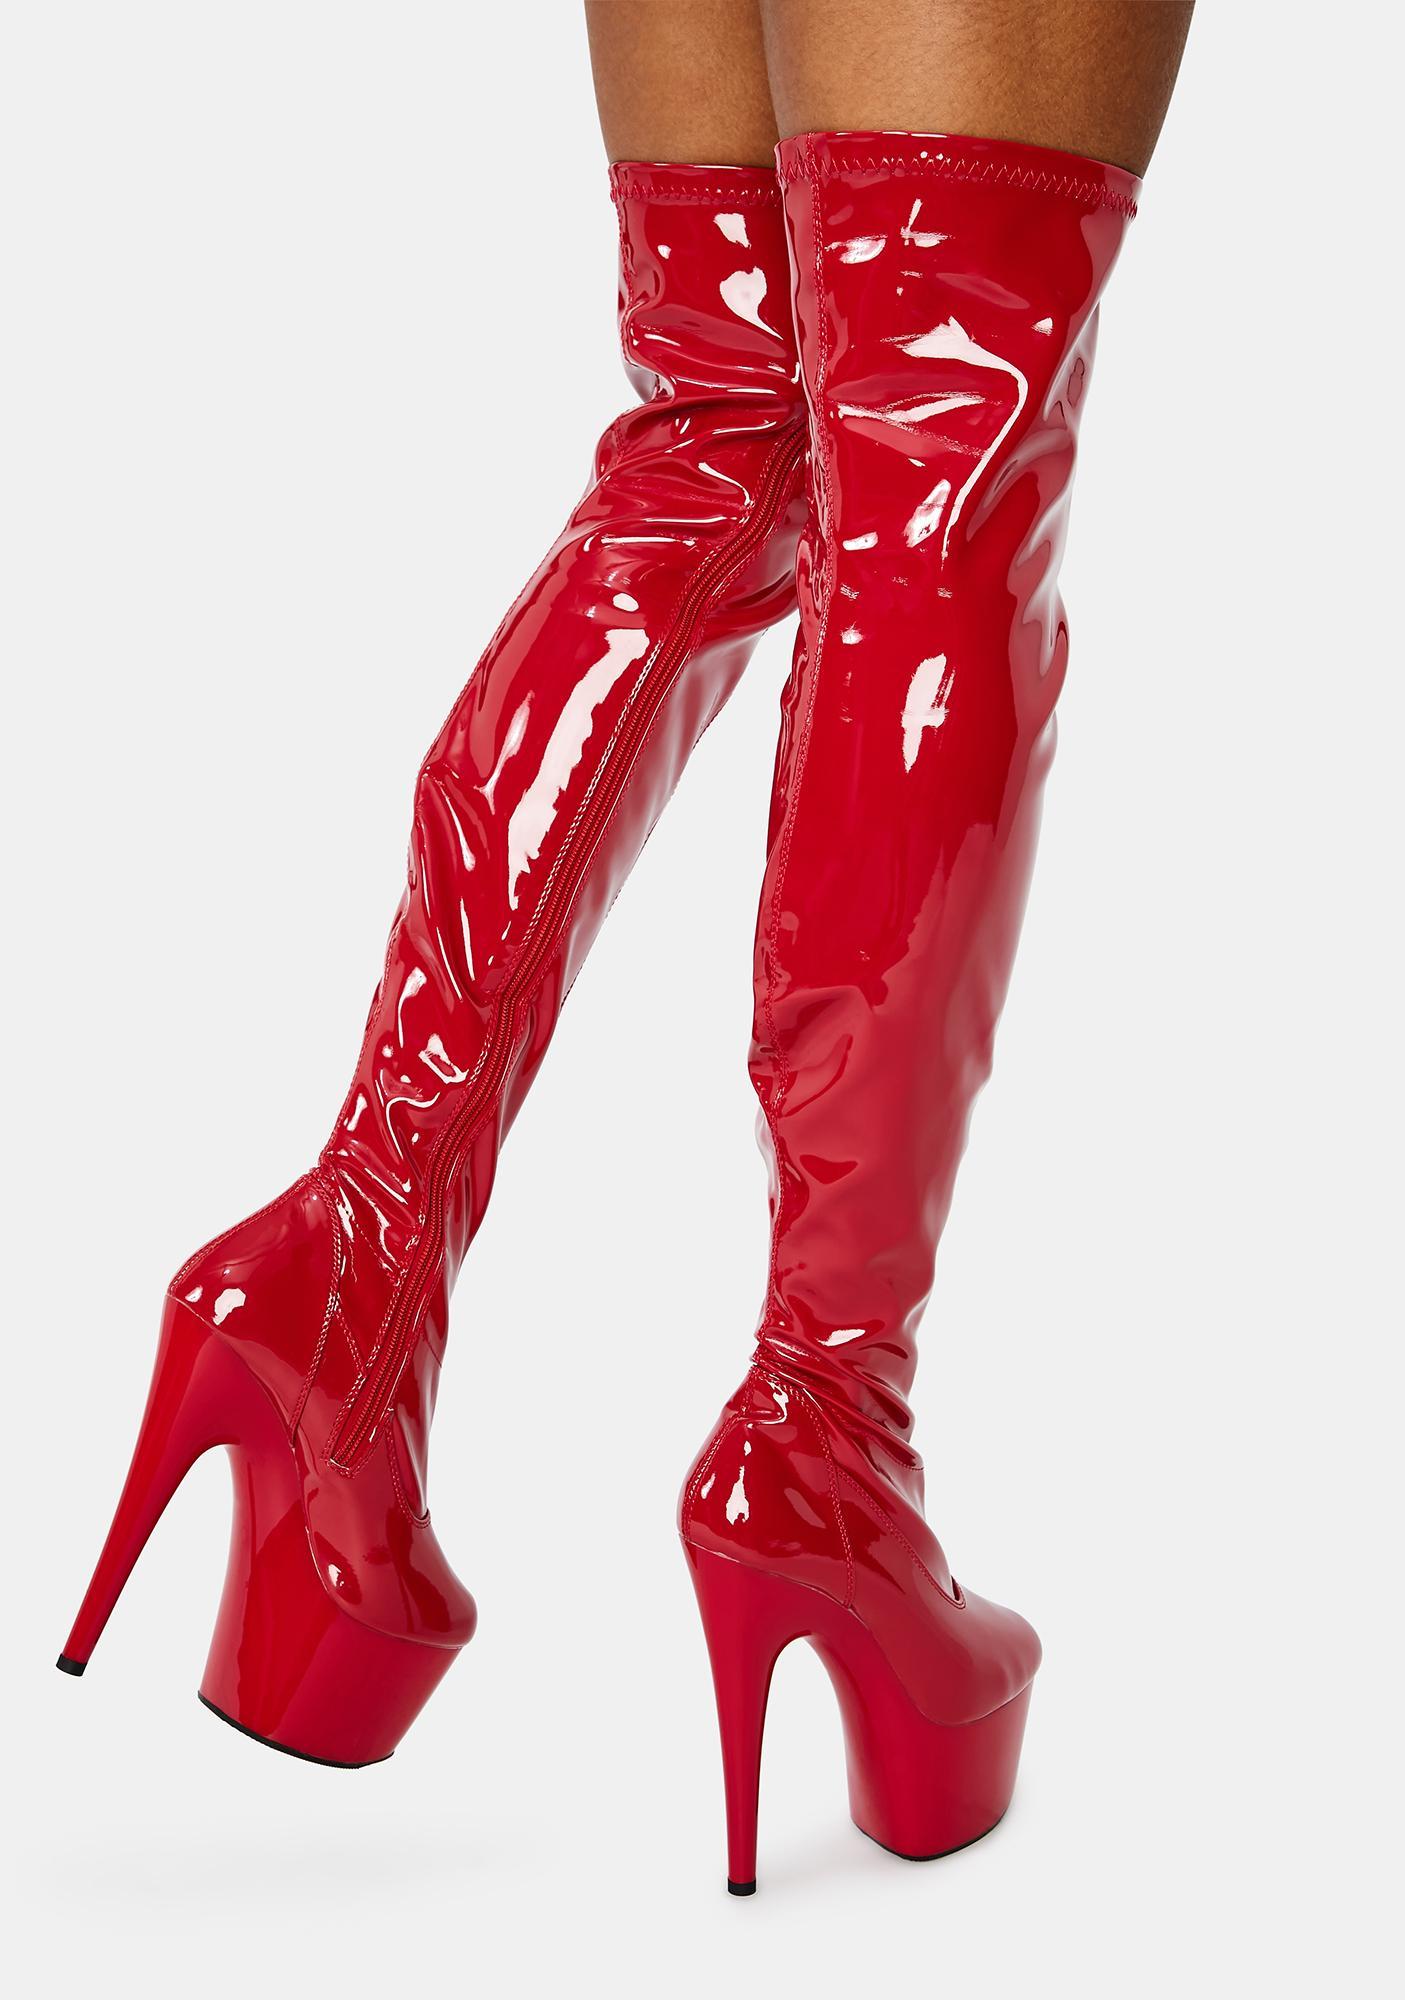 Pleaser Crimson Club Strut Thigh High Boots